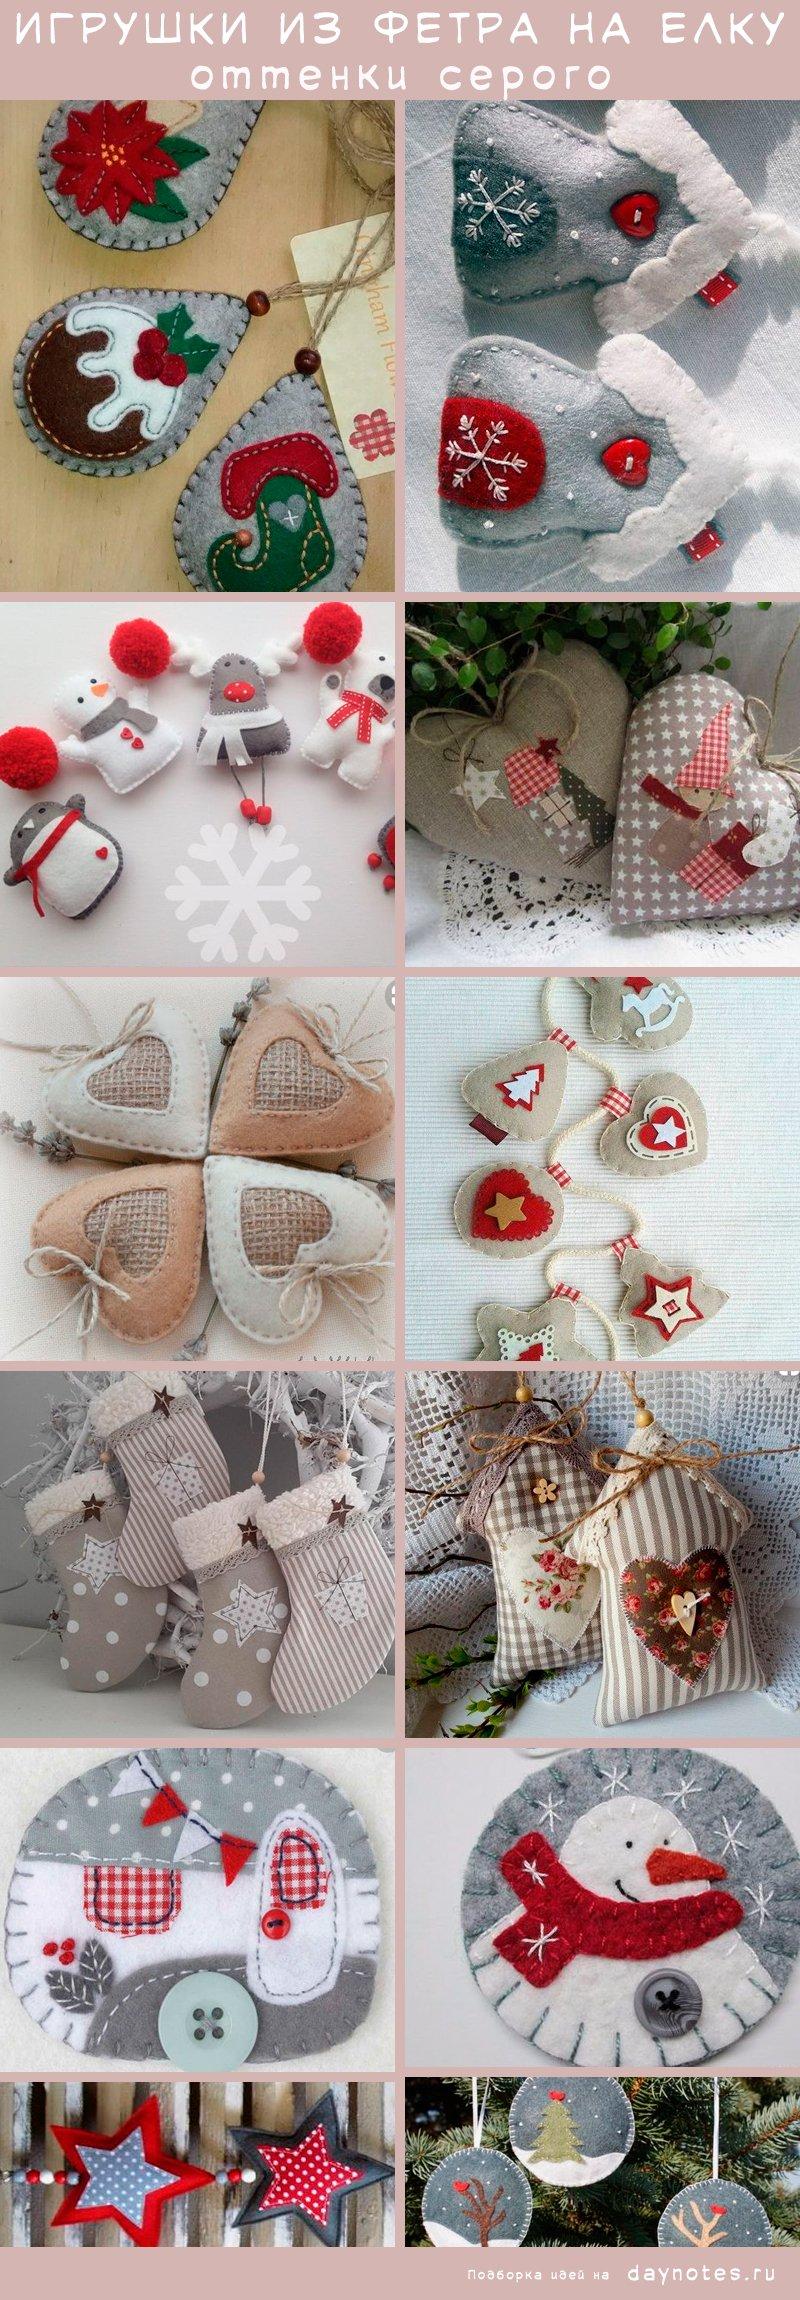 новогодние игрушки из фетра в пастельных тонах